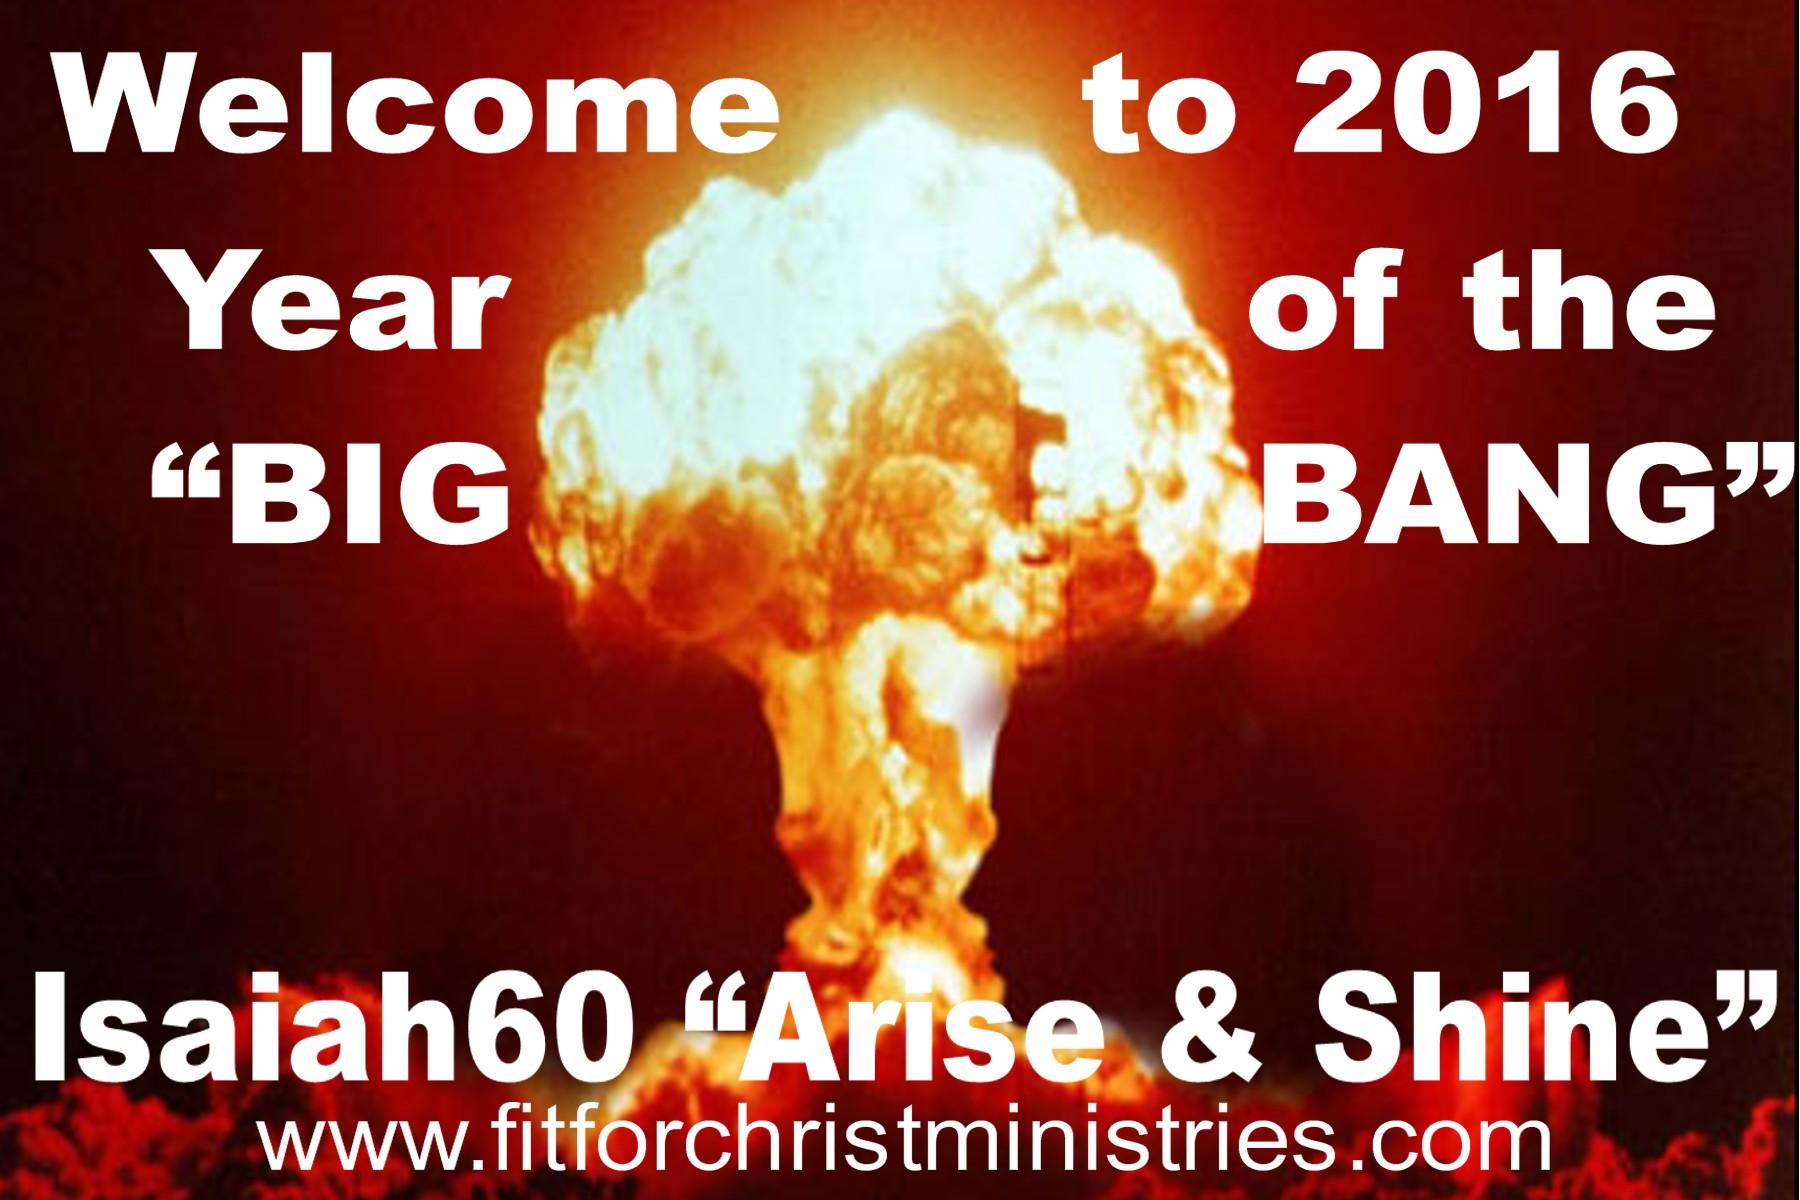 the Big bang 2016